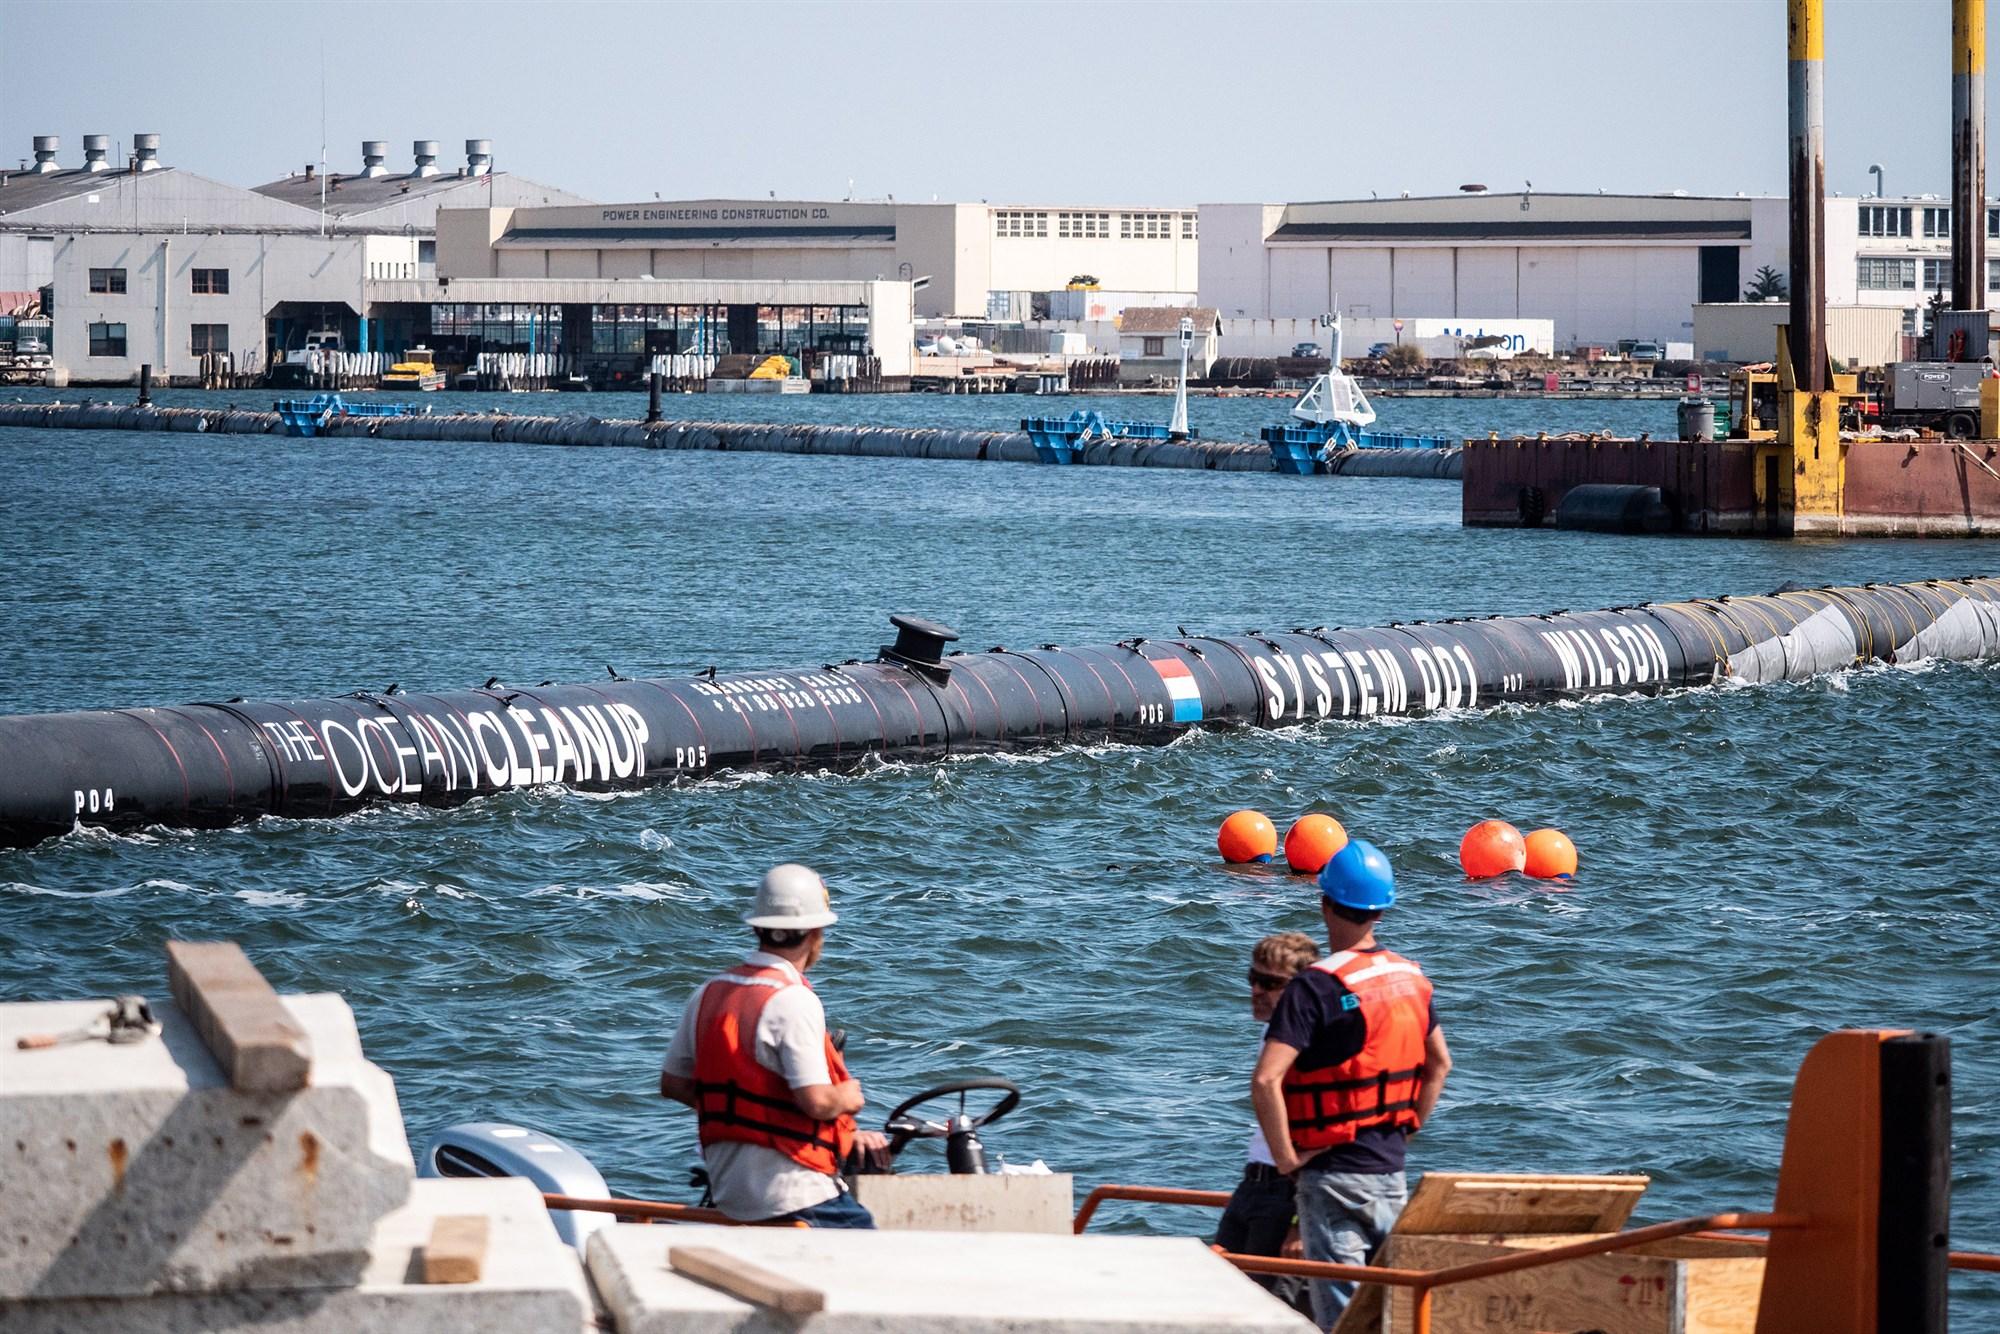 Hệ thống Ocean Cleanup 001 thu gom rác nhựa nổi bềnh bồng trong vịnh phía trước bãi lắp ráp ở Alameda, California hôm 28/8, 2018. Ảnh: TL